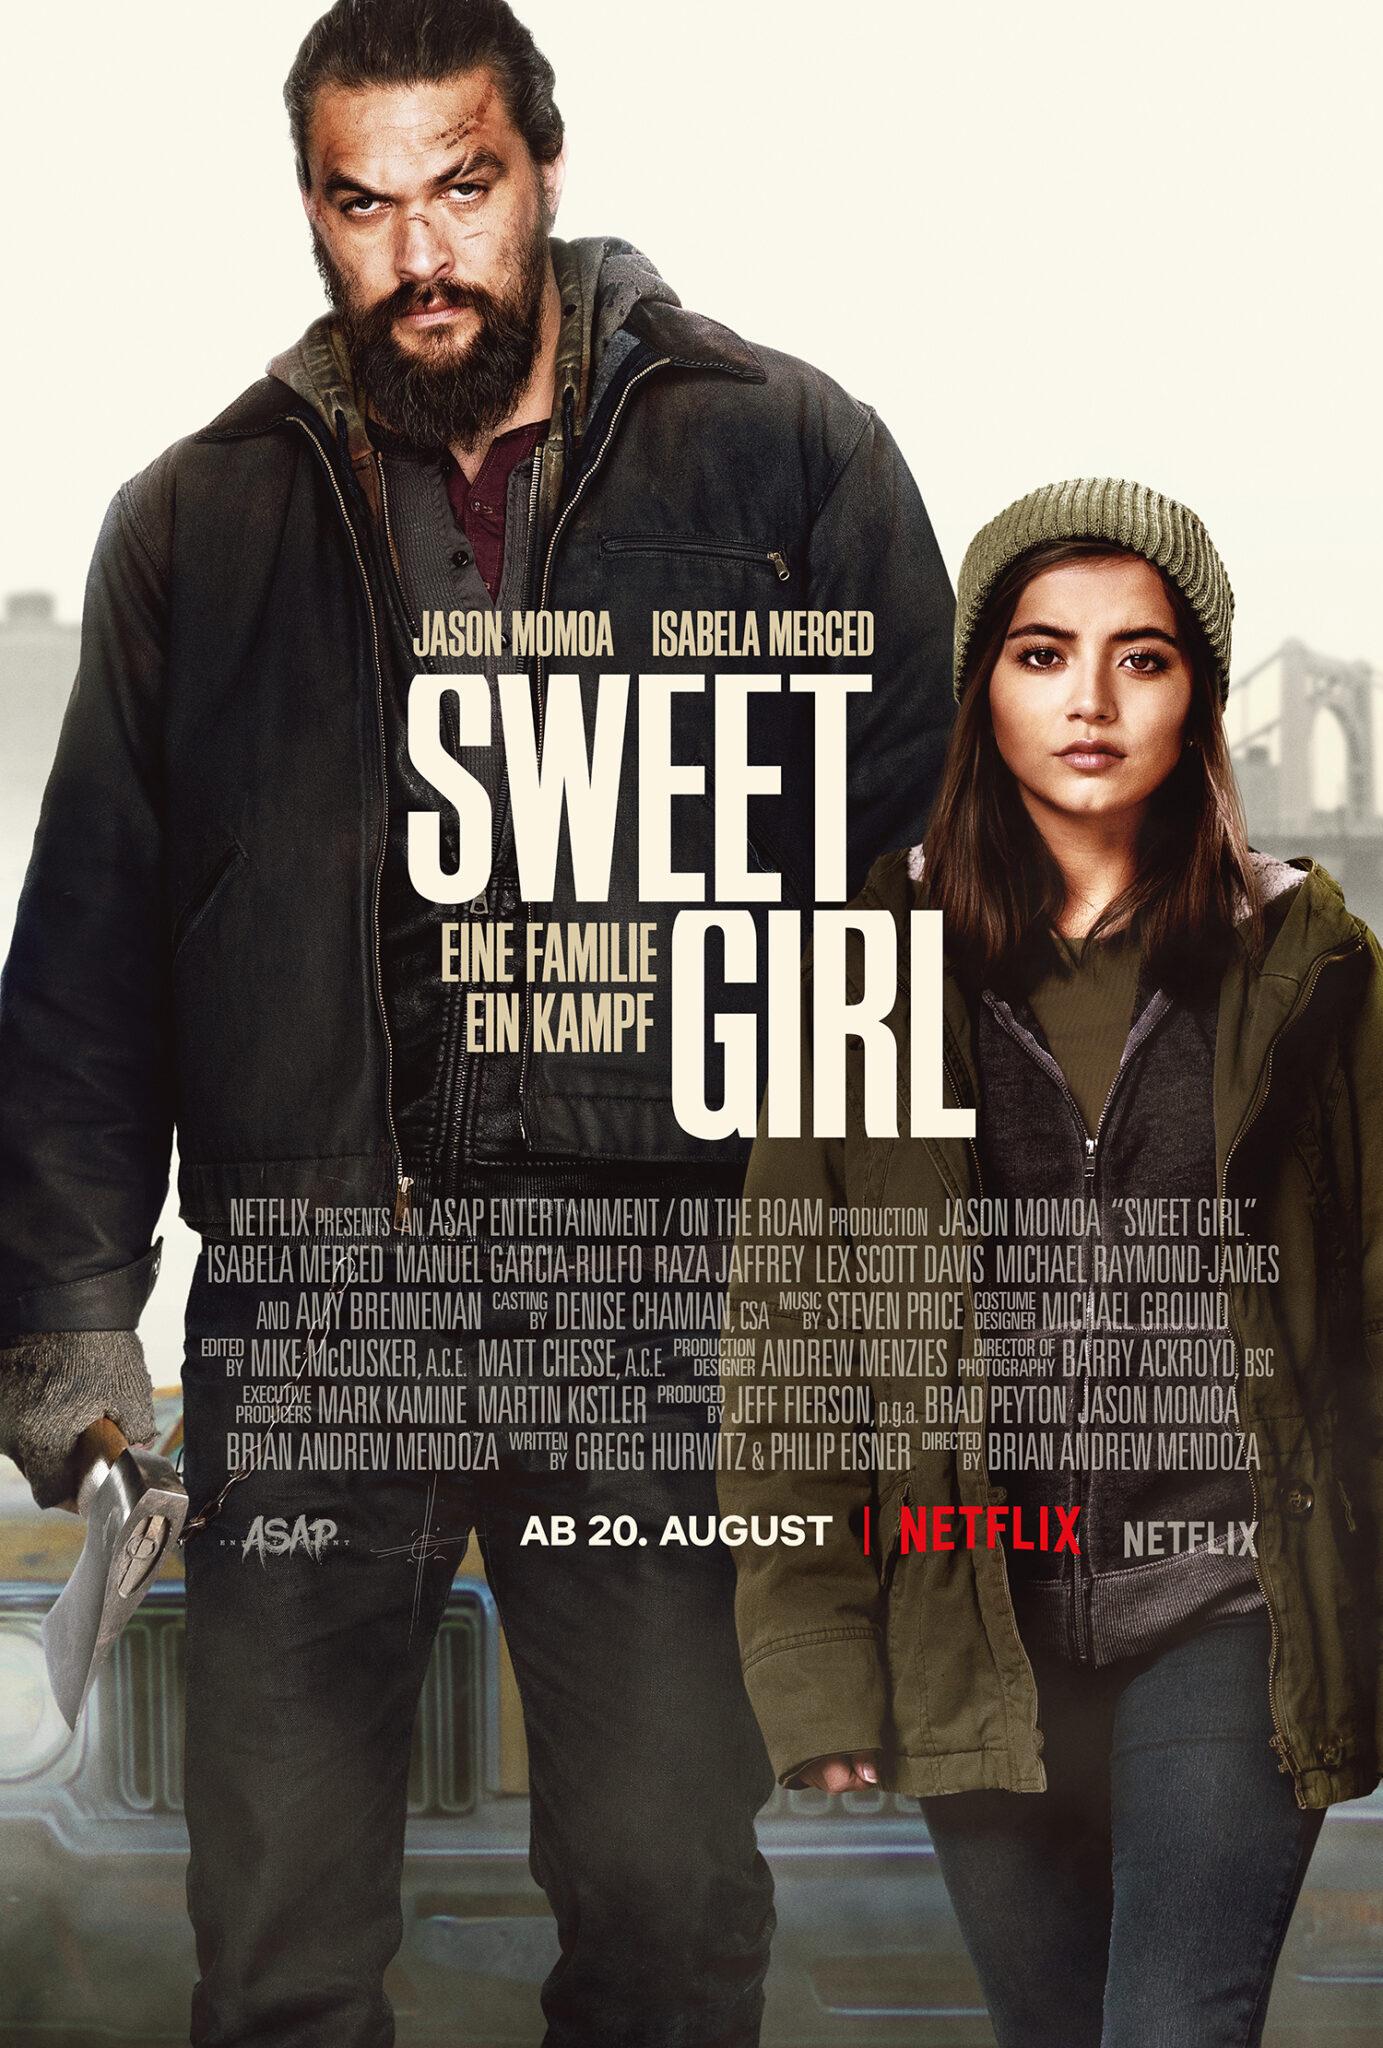 Das deutsche Poster zu Sweet Girl zeigt die Protagonisten nebeneinander, Jason Momoa und Isabela Merced und mittig den Filmtitel. Darunter befinden sich die Credits sowie das Startdatum der Produktion.